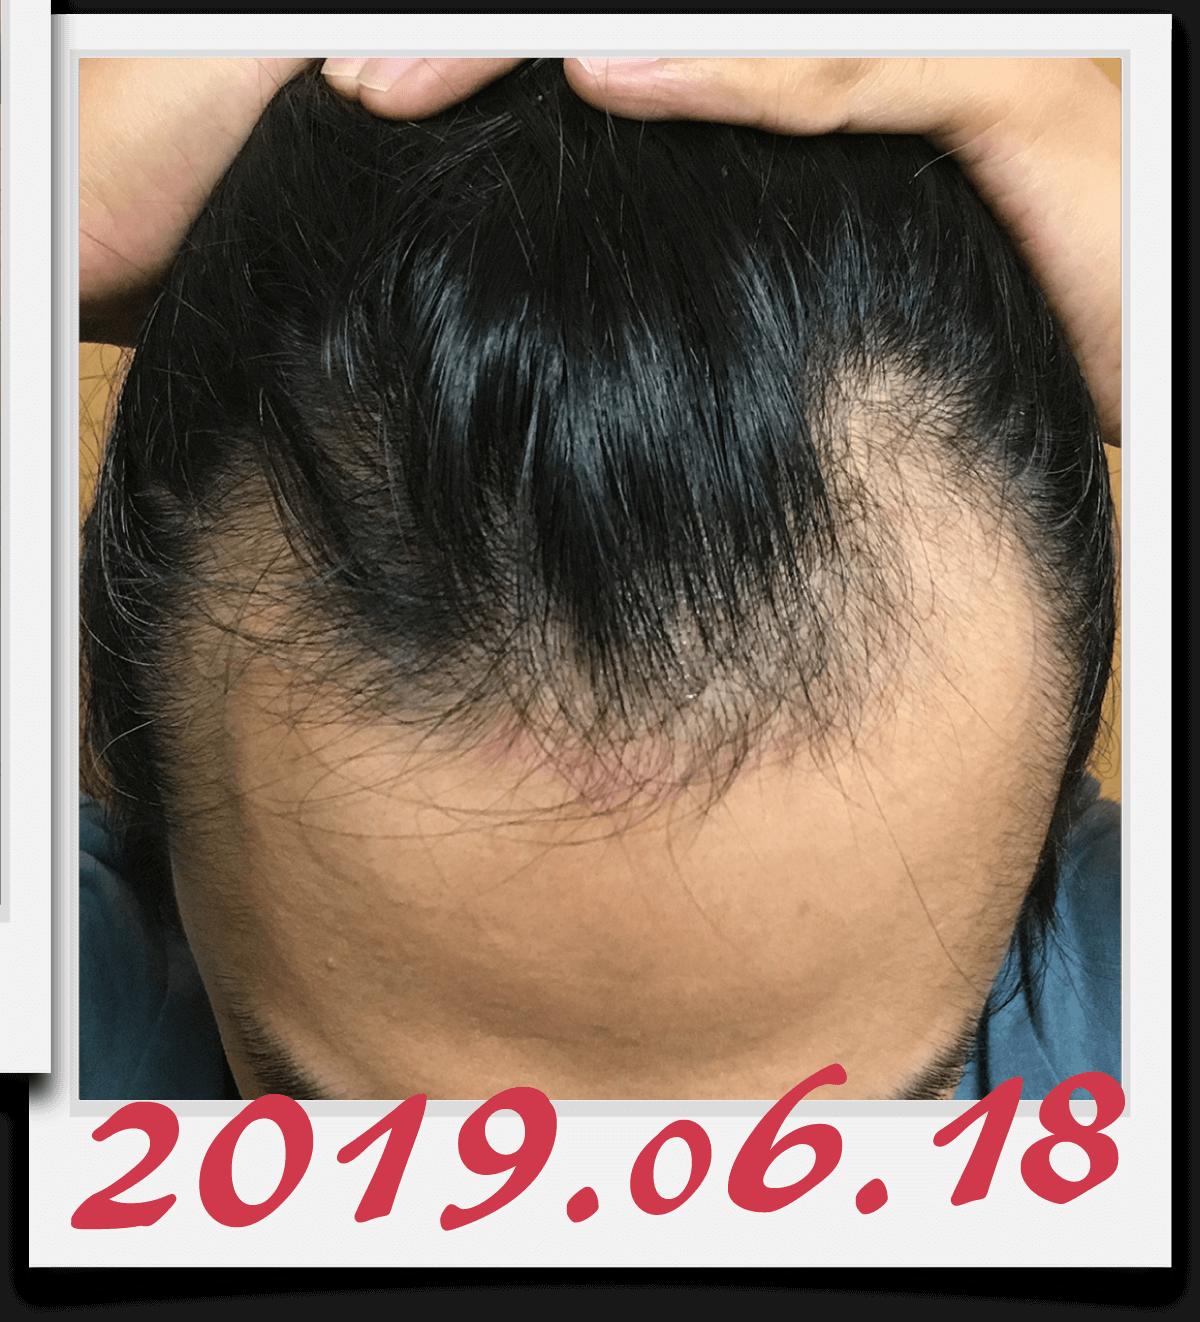 2019年6月18日に撮影した生え際